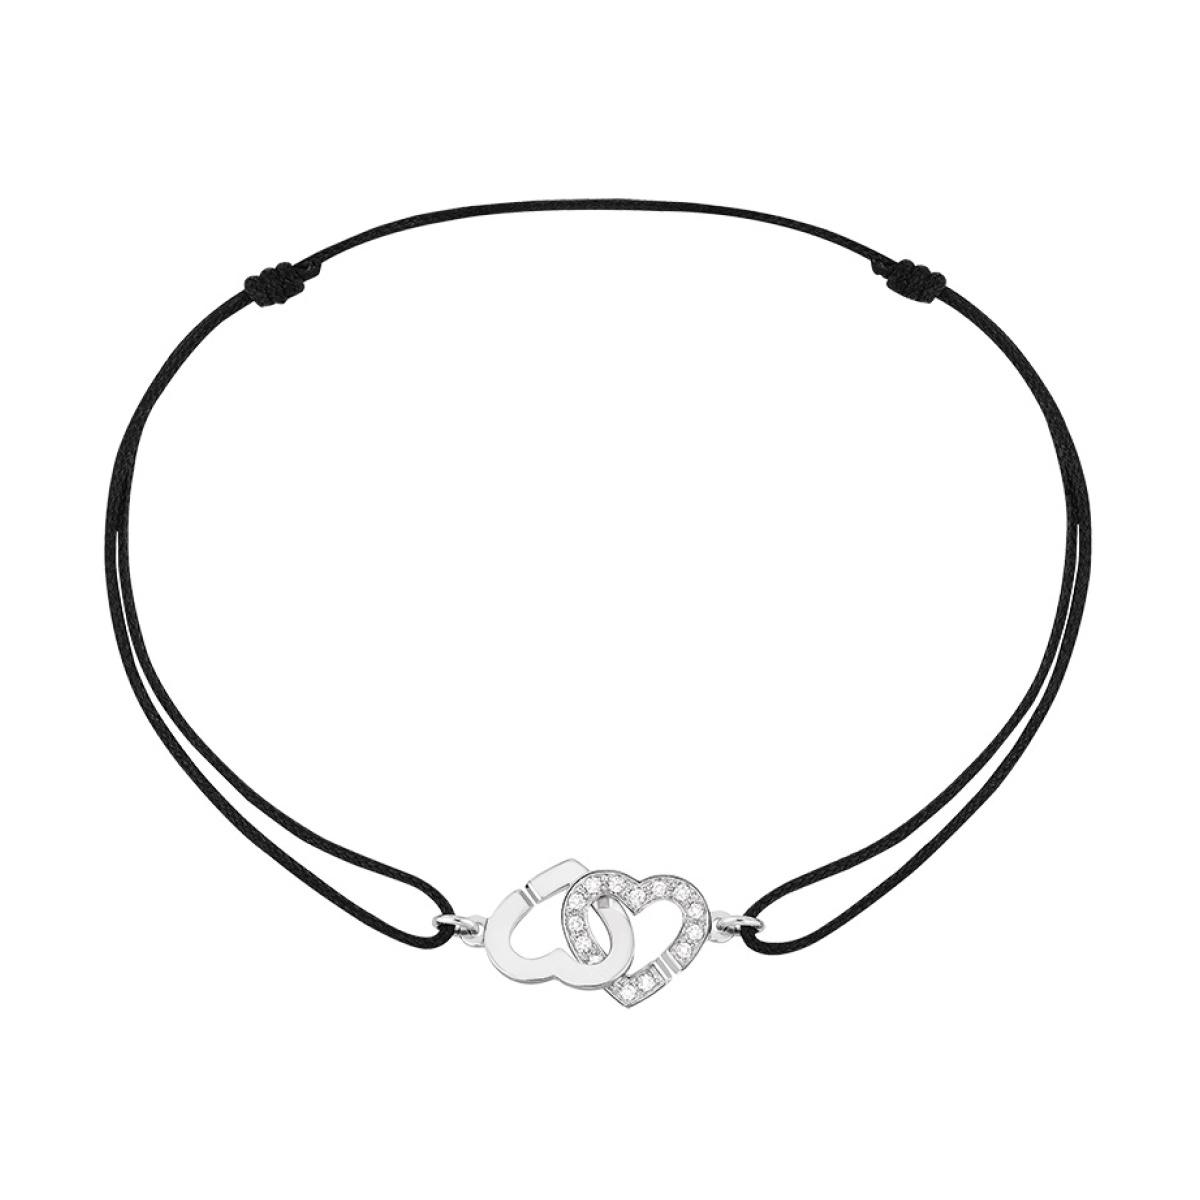 7454c103081 Bracelet DOUBLE CŒURS dinh van R9 et 1 2 diamants - Borromée Joaillier